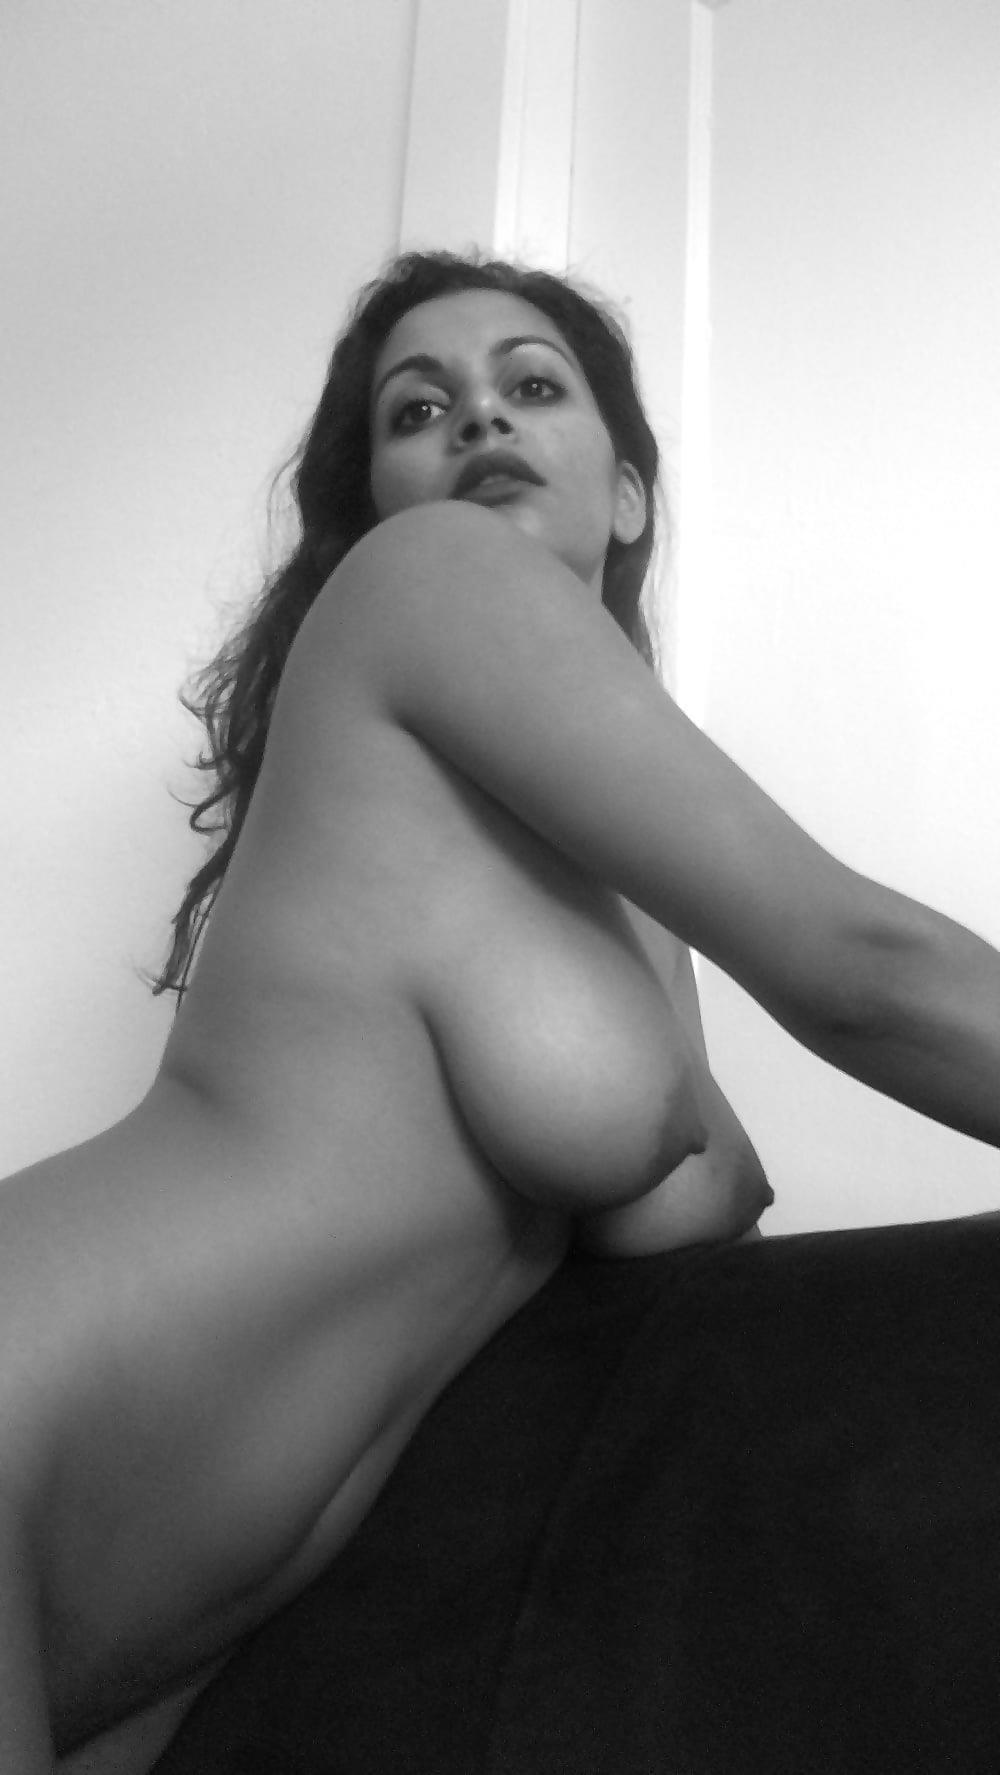 Indian big boobs nude pic-1388